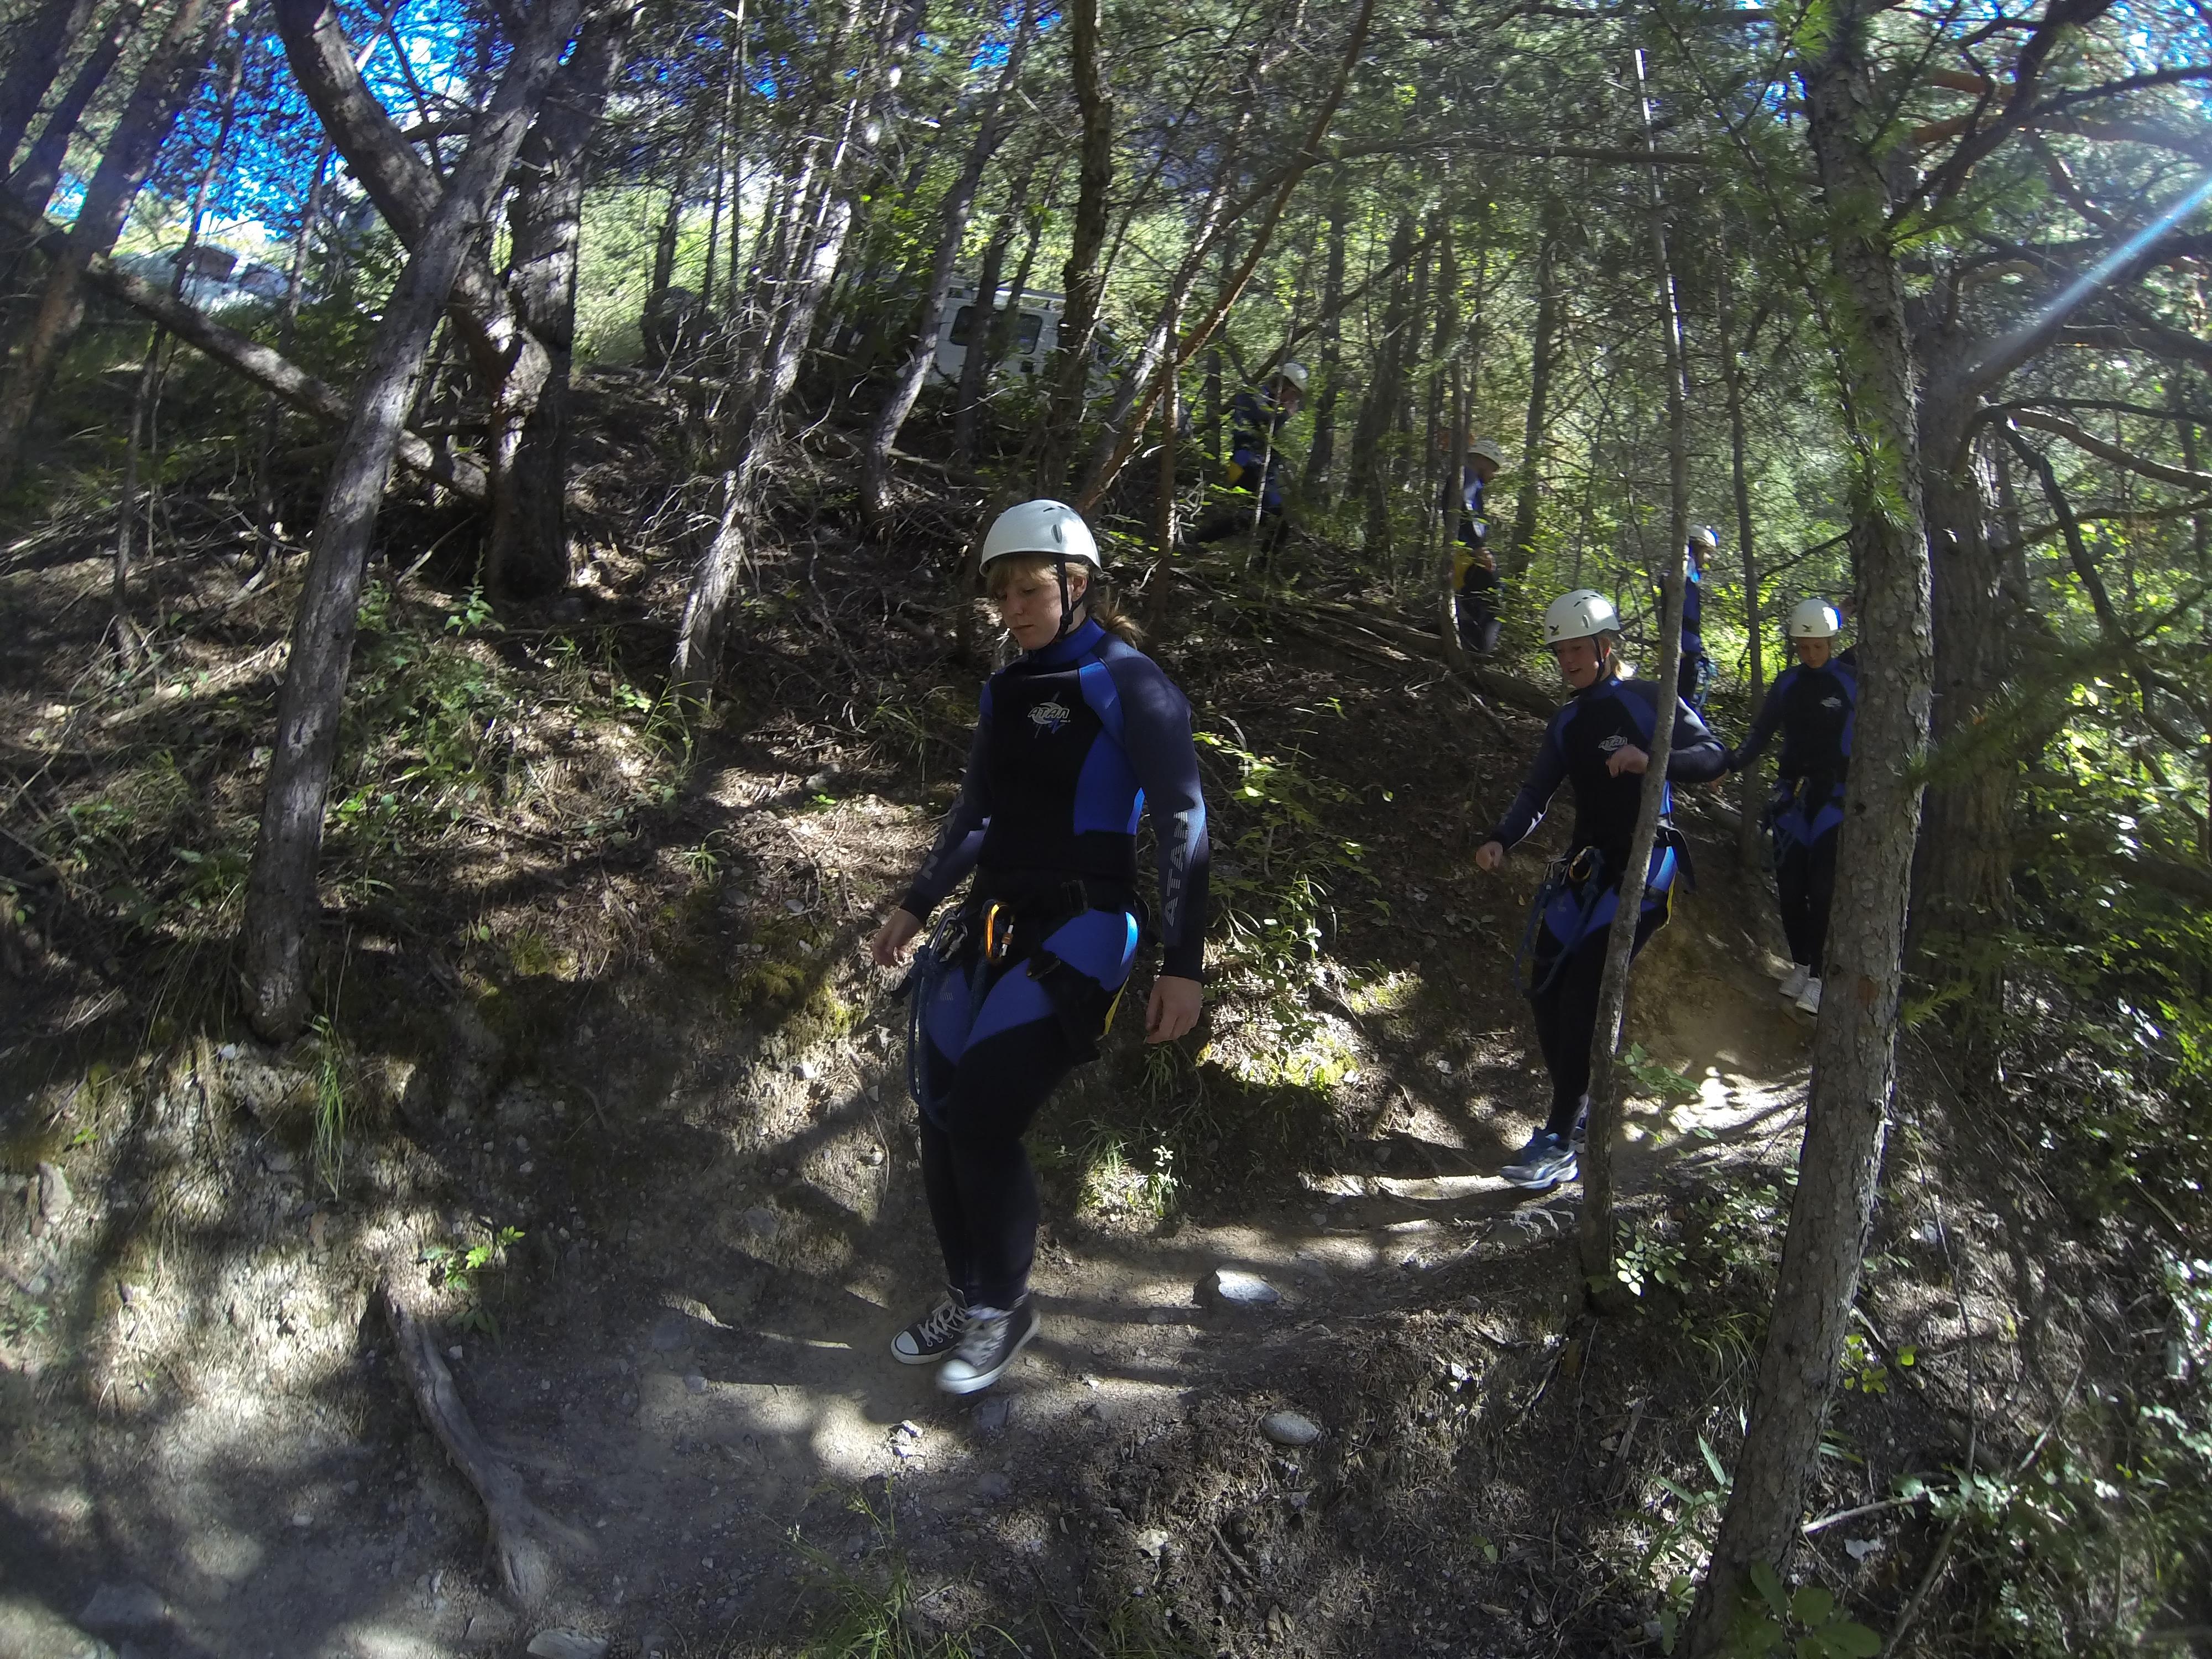 eerste keer canyoning